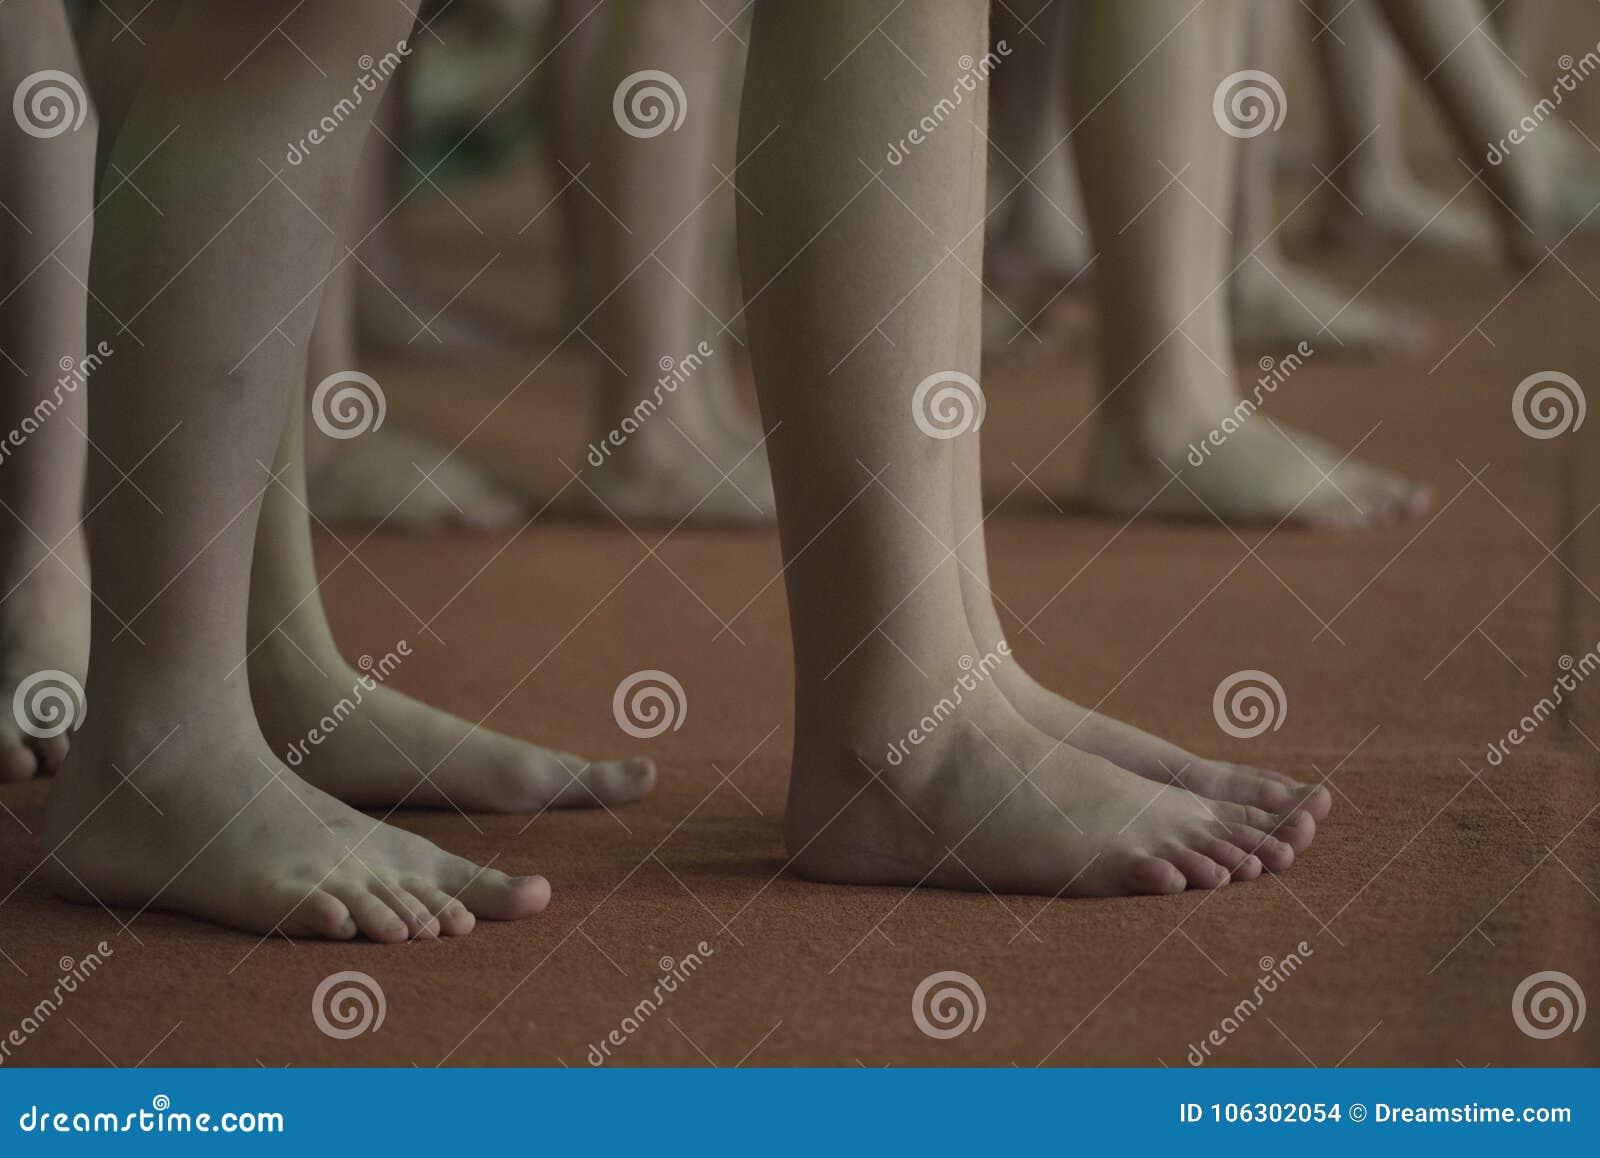 Τα πόδια των παιδιών, γυμναστική περιμένουν το νικητή